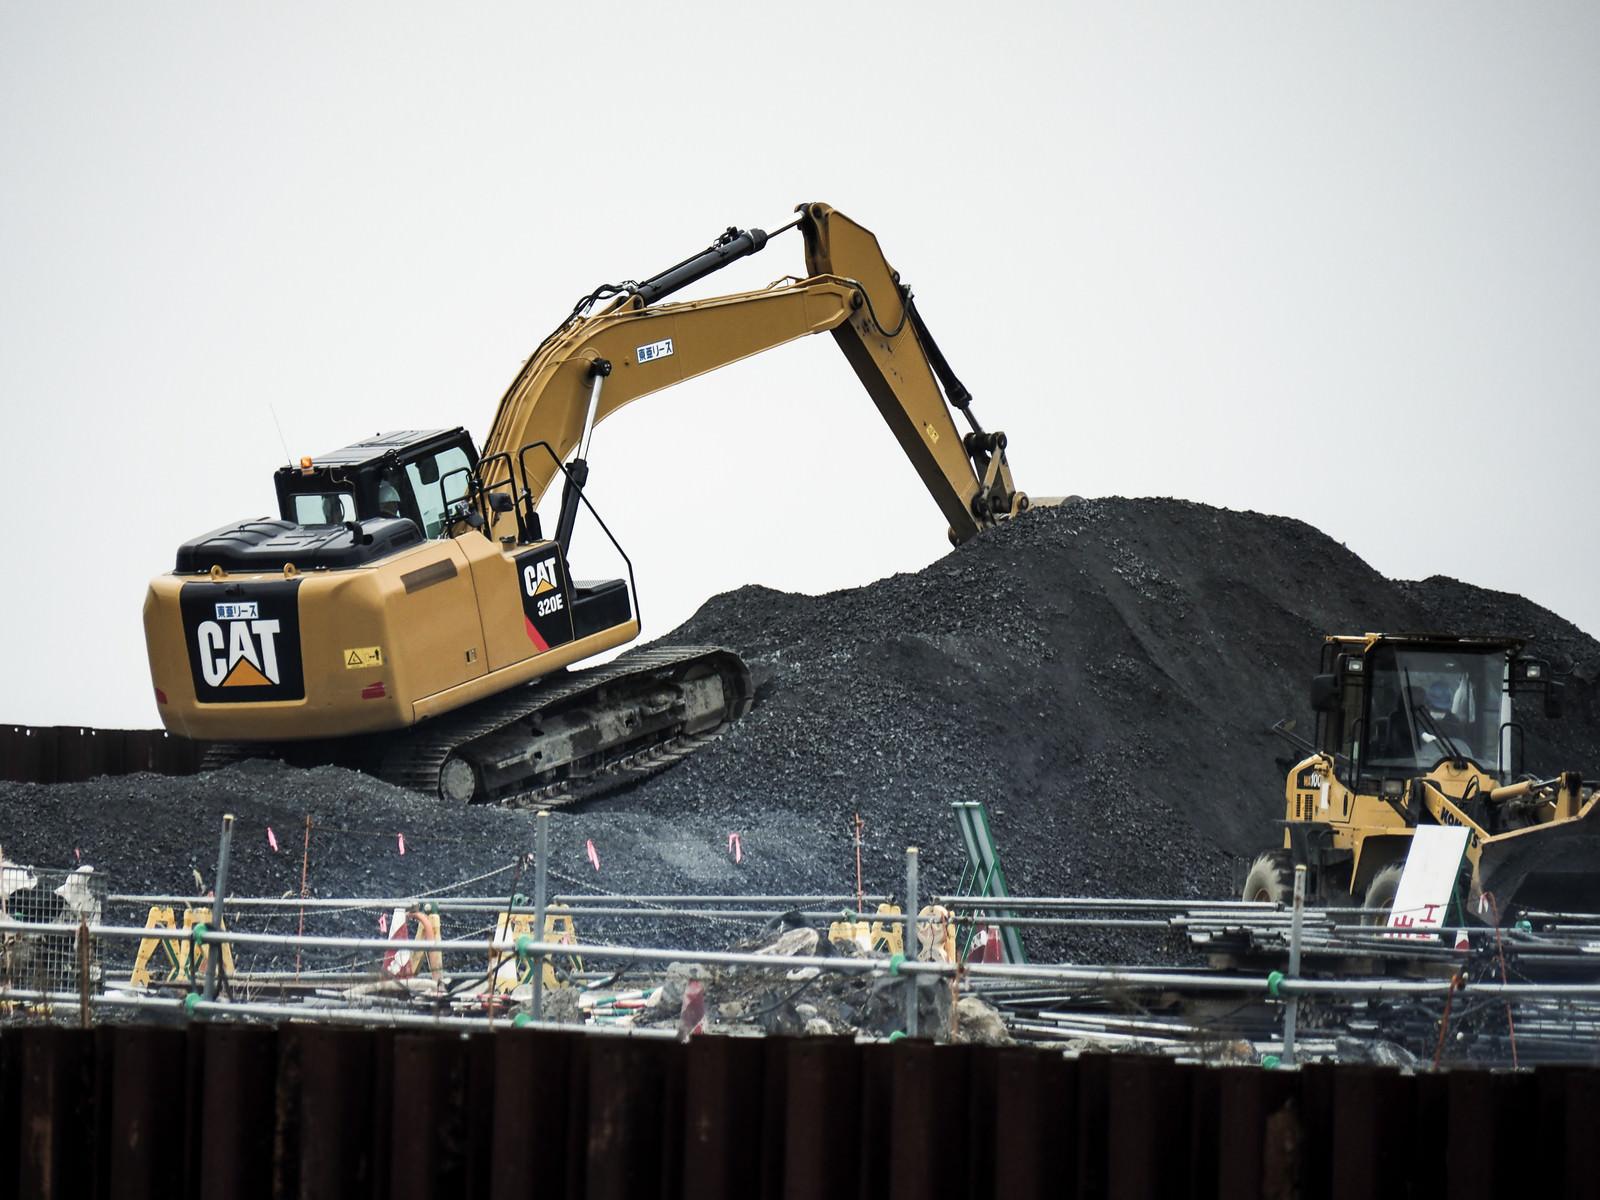 「土砂とショベルカー」の写真